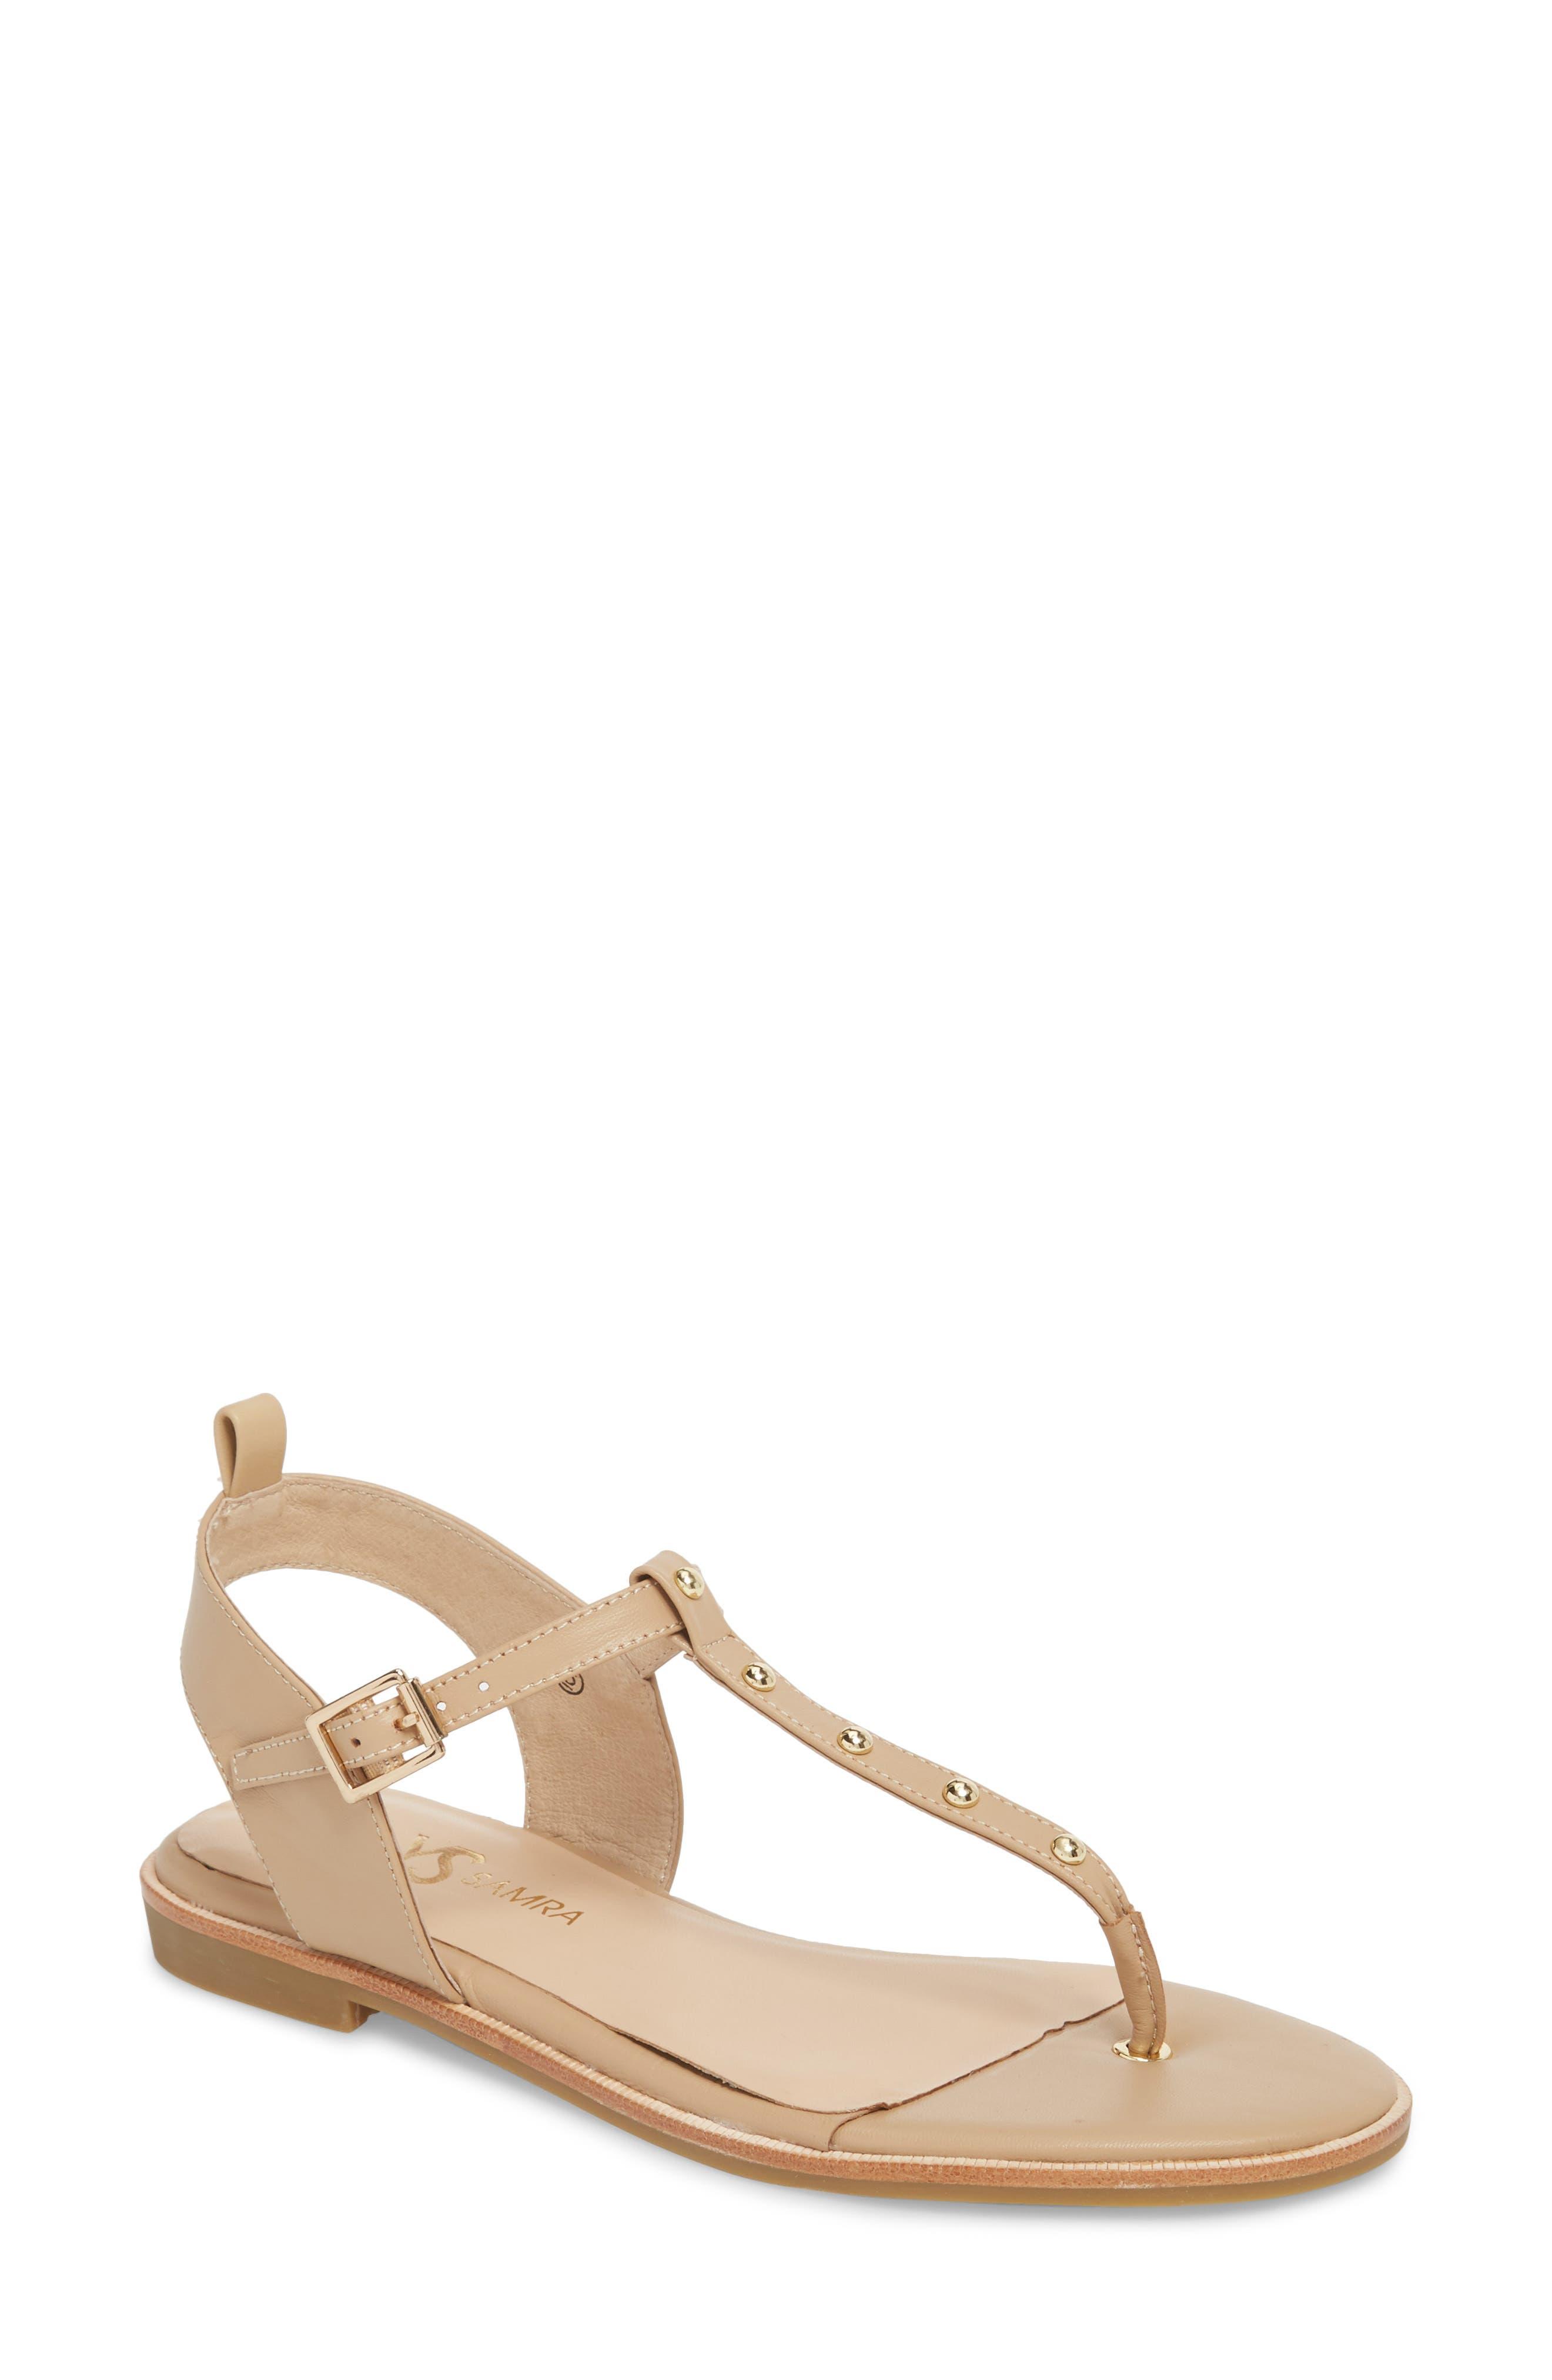 Calliste Sandal,                             Main thumbnail 1, color,                             Camel/ Gold Studs